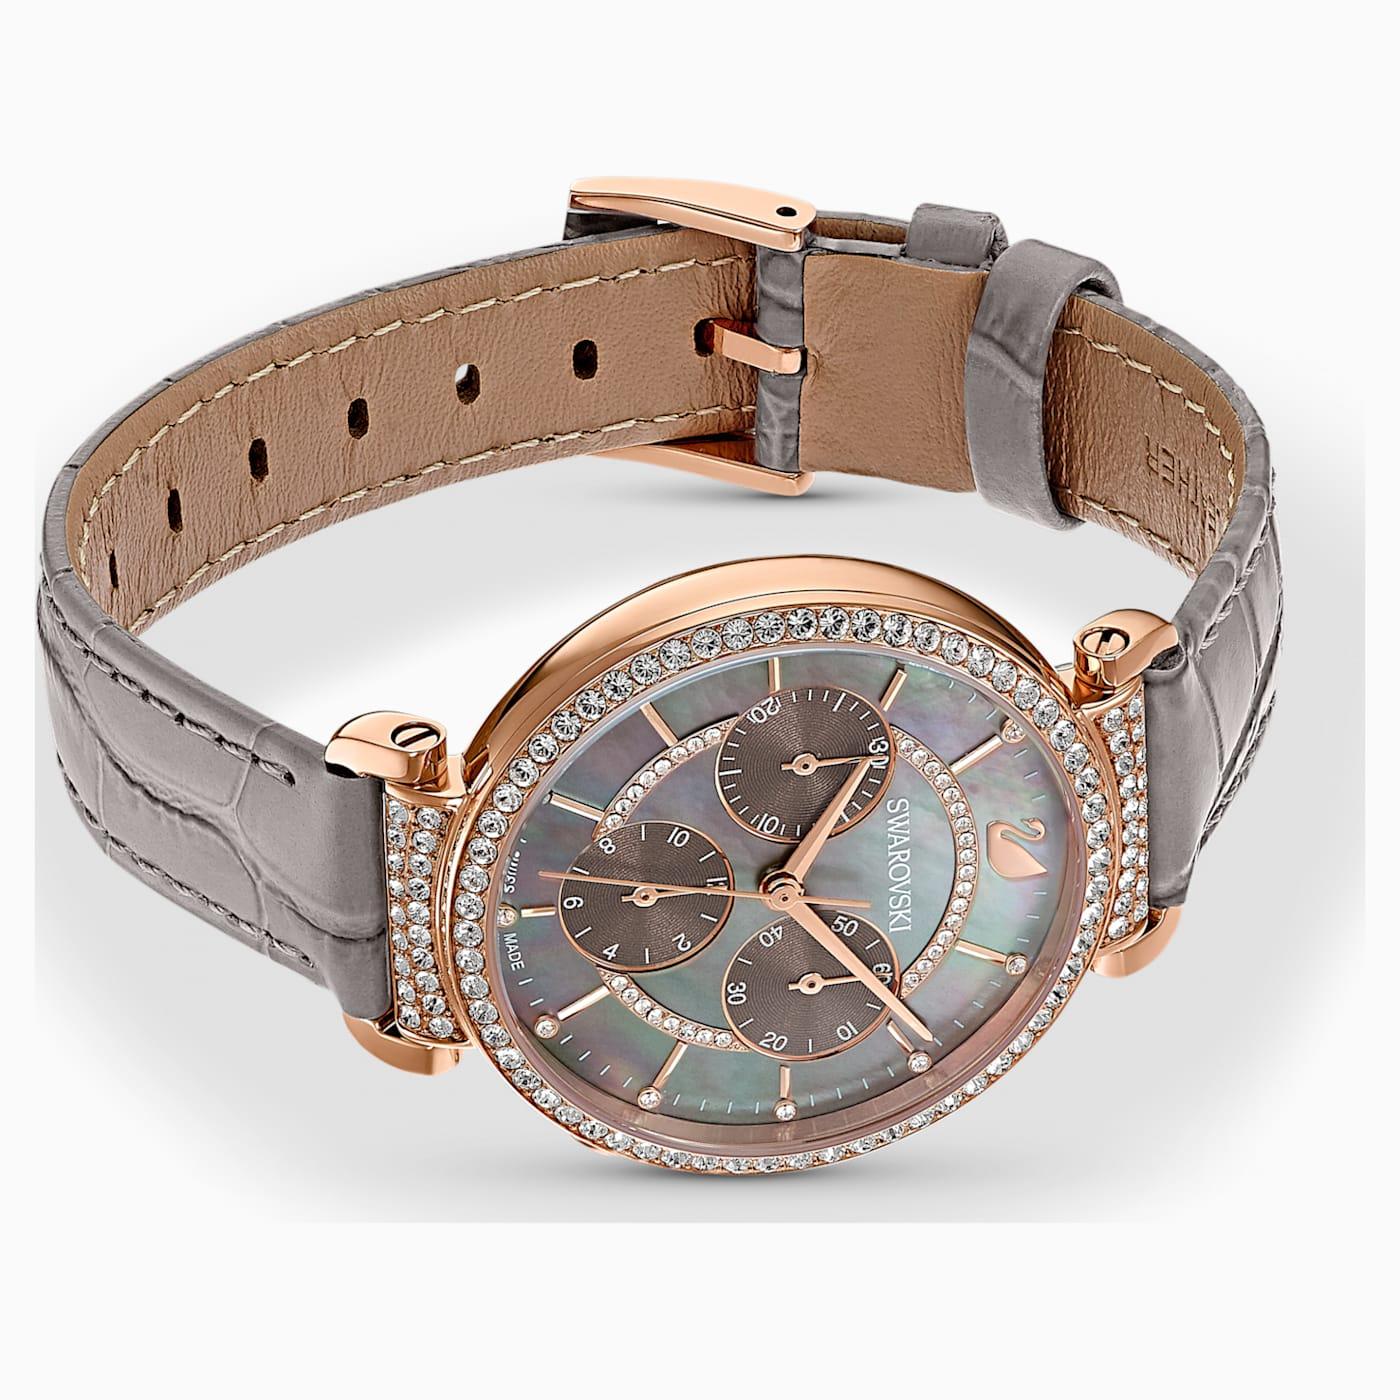 Montre Passage Chrono bracelet en cuir, Gris, PVD doré rose, Swarovski